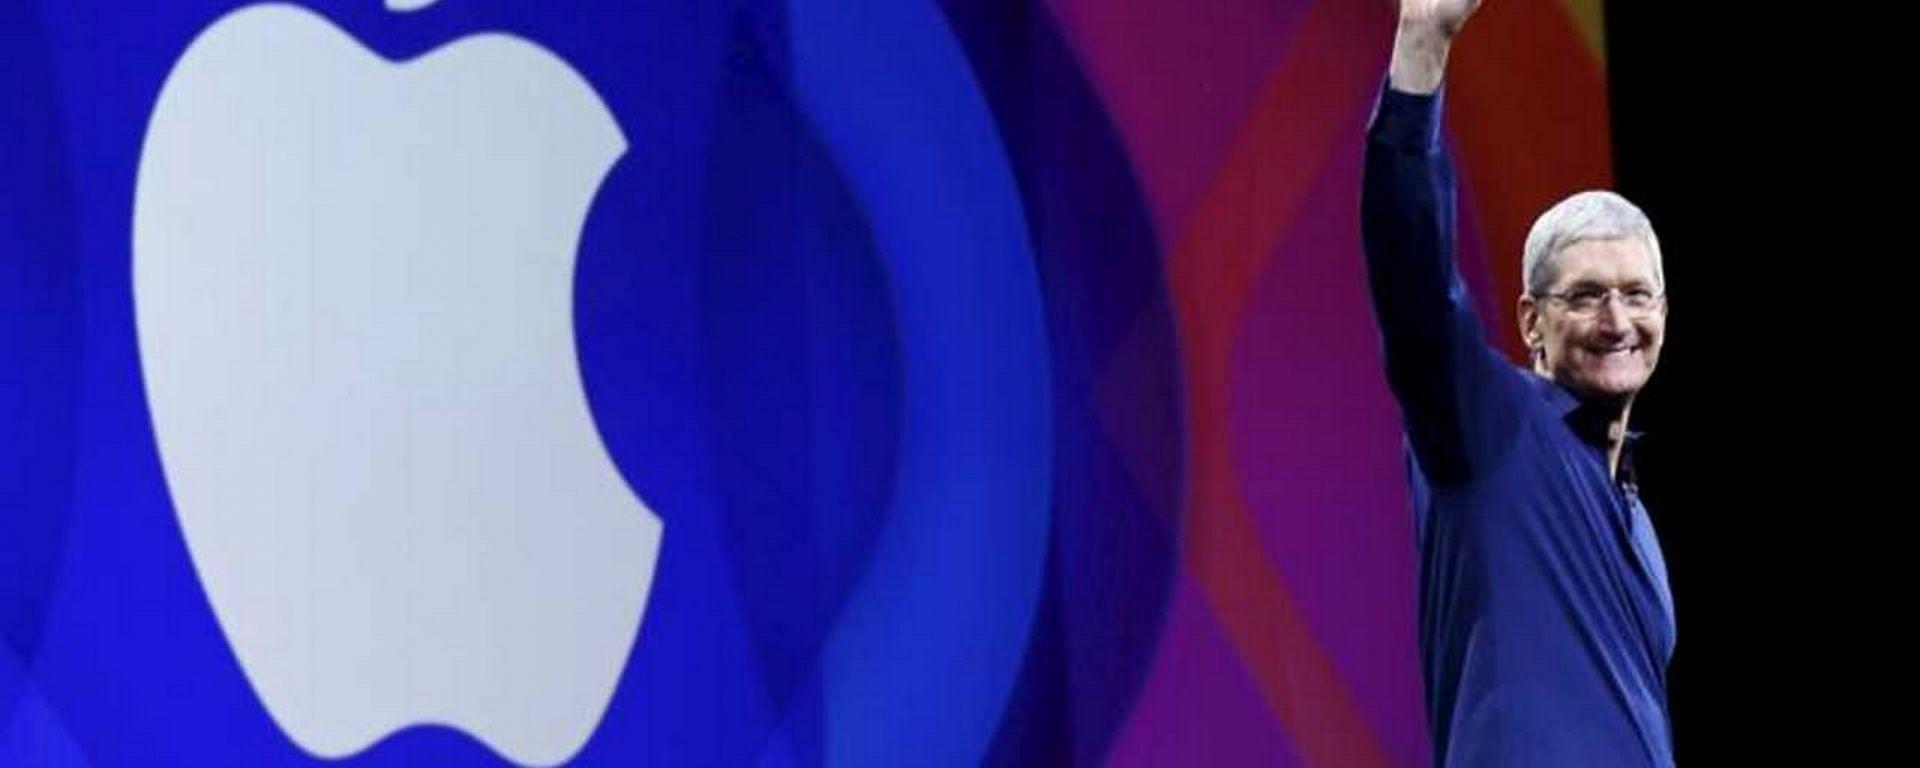 Apple e la guida autonoma: Tim Cook ne parla per la prima volta